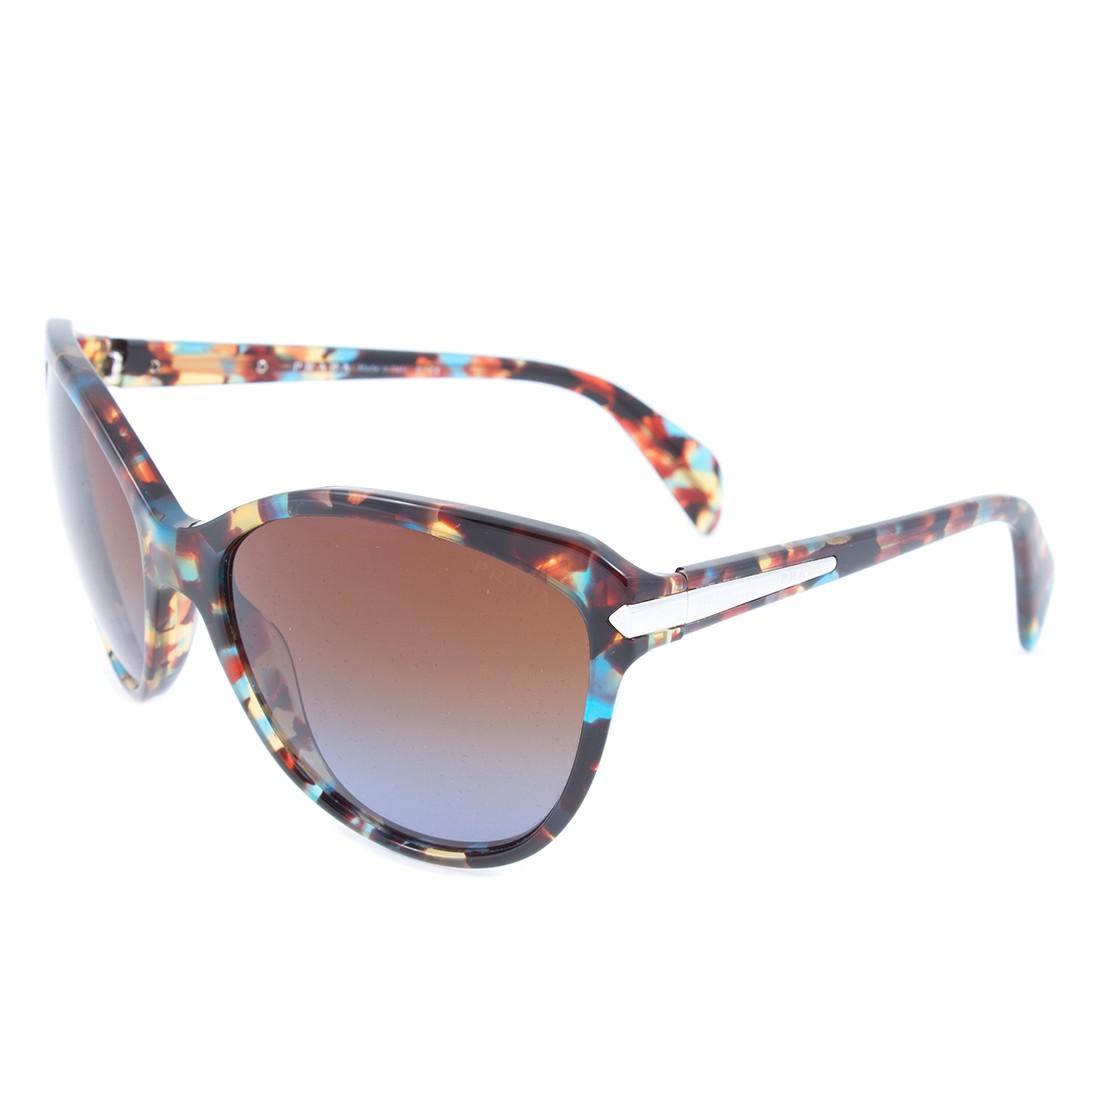 prada grey saffiano tote - Prada SPR15P Sunglasses